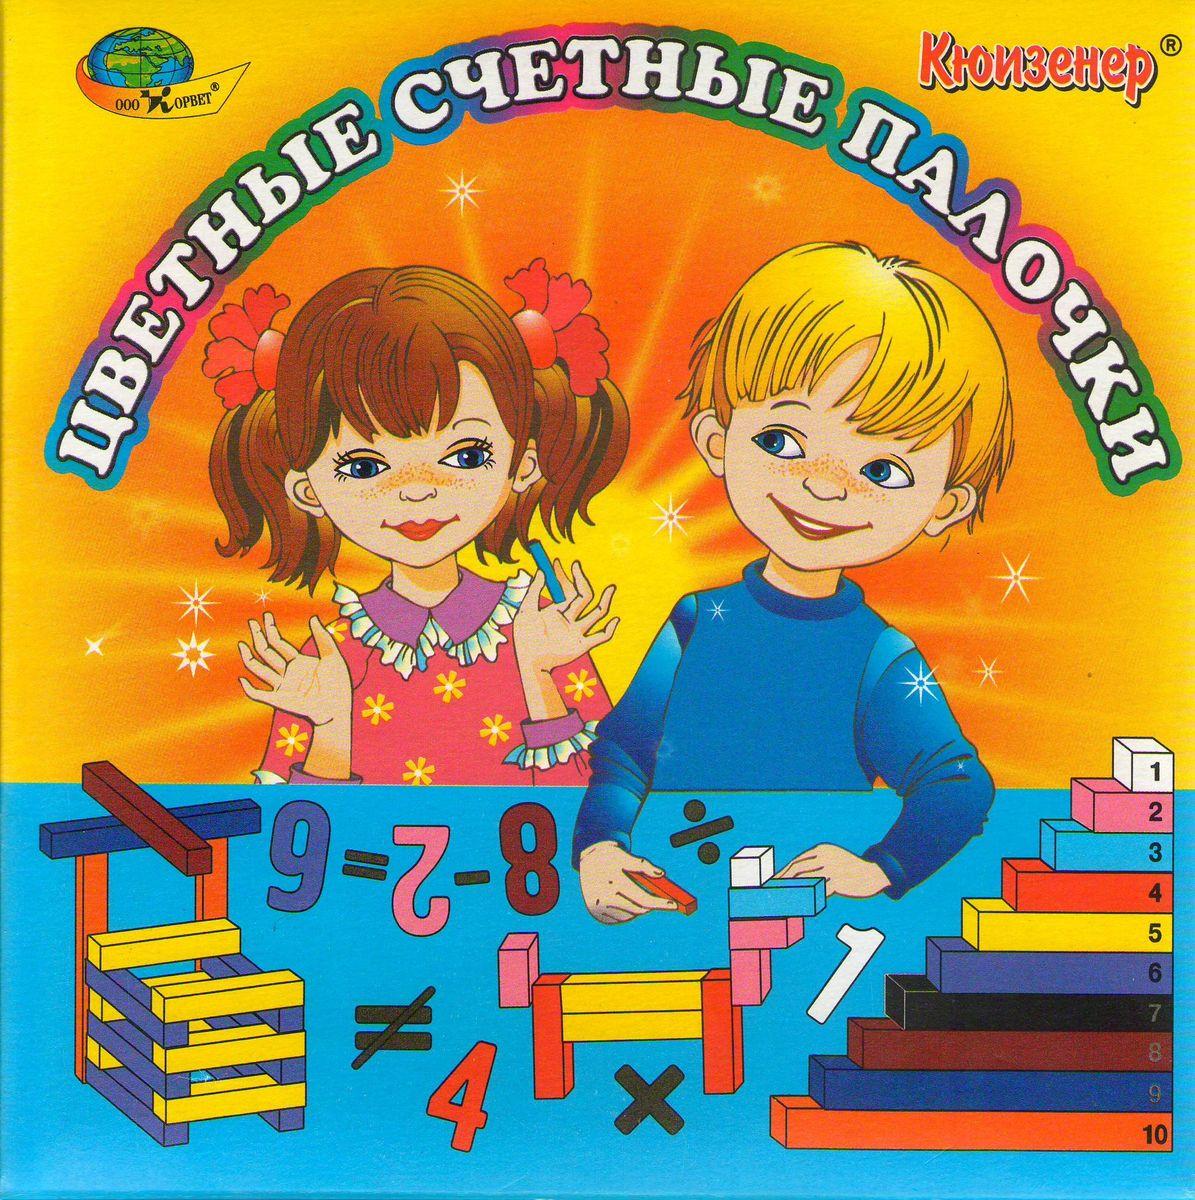 Корвет Обучающая игра Цветные счетные палочки Кюизенера4680000430074Каждая палочка – это число, выраженное цветом и величиной. С математической точки зрения палочки - это множество, на котором легко обнаруживаются отношения эквивалентности и порядка. В этом множестве скрыты многочисленные математические ситуации. Цвет и величина, моделируя число, подводят детей к пониманию различных абстрактных понятий, возникающих в мышлении ребенка естественно, как результат его самостоятельной практической деятельности. Использование «чисел в цвете» позволяет одновременно развить у детей представление о числе на основе счета и измерения. К выводу, что число появляется на основе счета и измерения, дети приходят на базе практической деятельности, в результате разнообразных упражнений. С помощью цветных палочек детей также легко подвести к осознанию отношений больше - меньше, больше – меньше на…, научить делить целое на части и измерять объекты условными мерками, поупражнять в запоминании состава чисел из единиц и меньших чисел, подойти вплотную к сложению,...